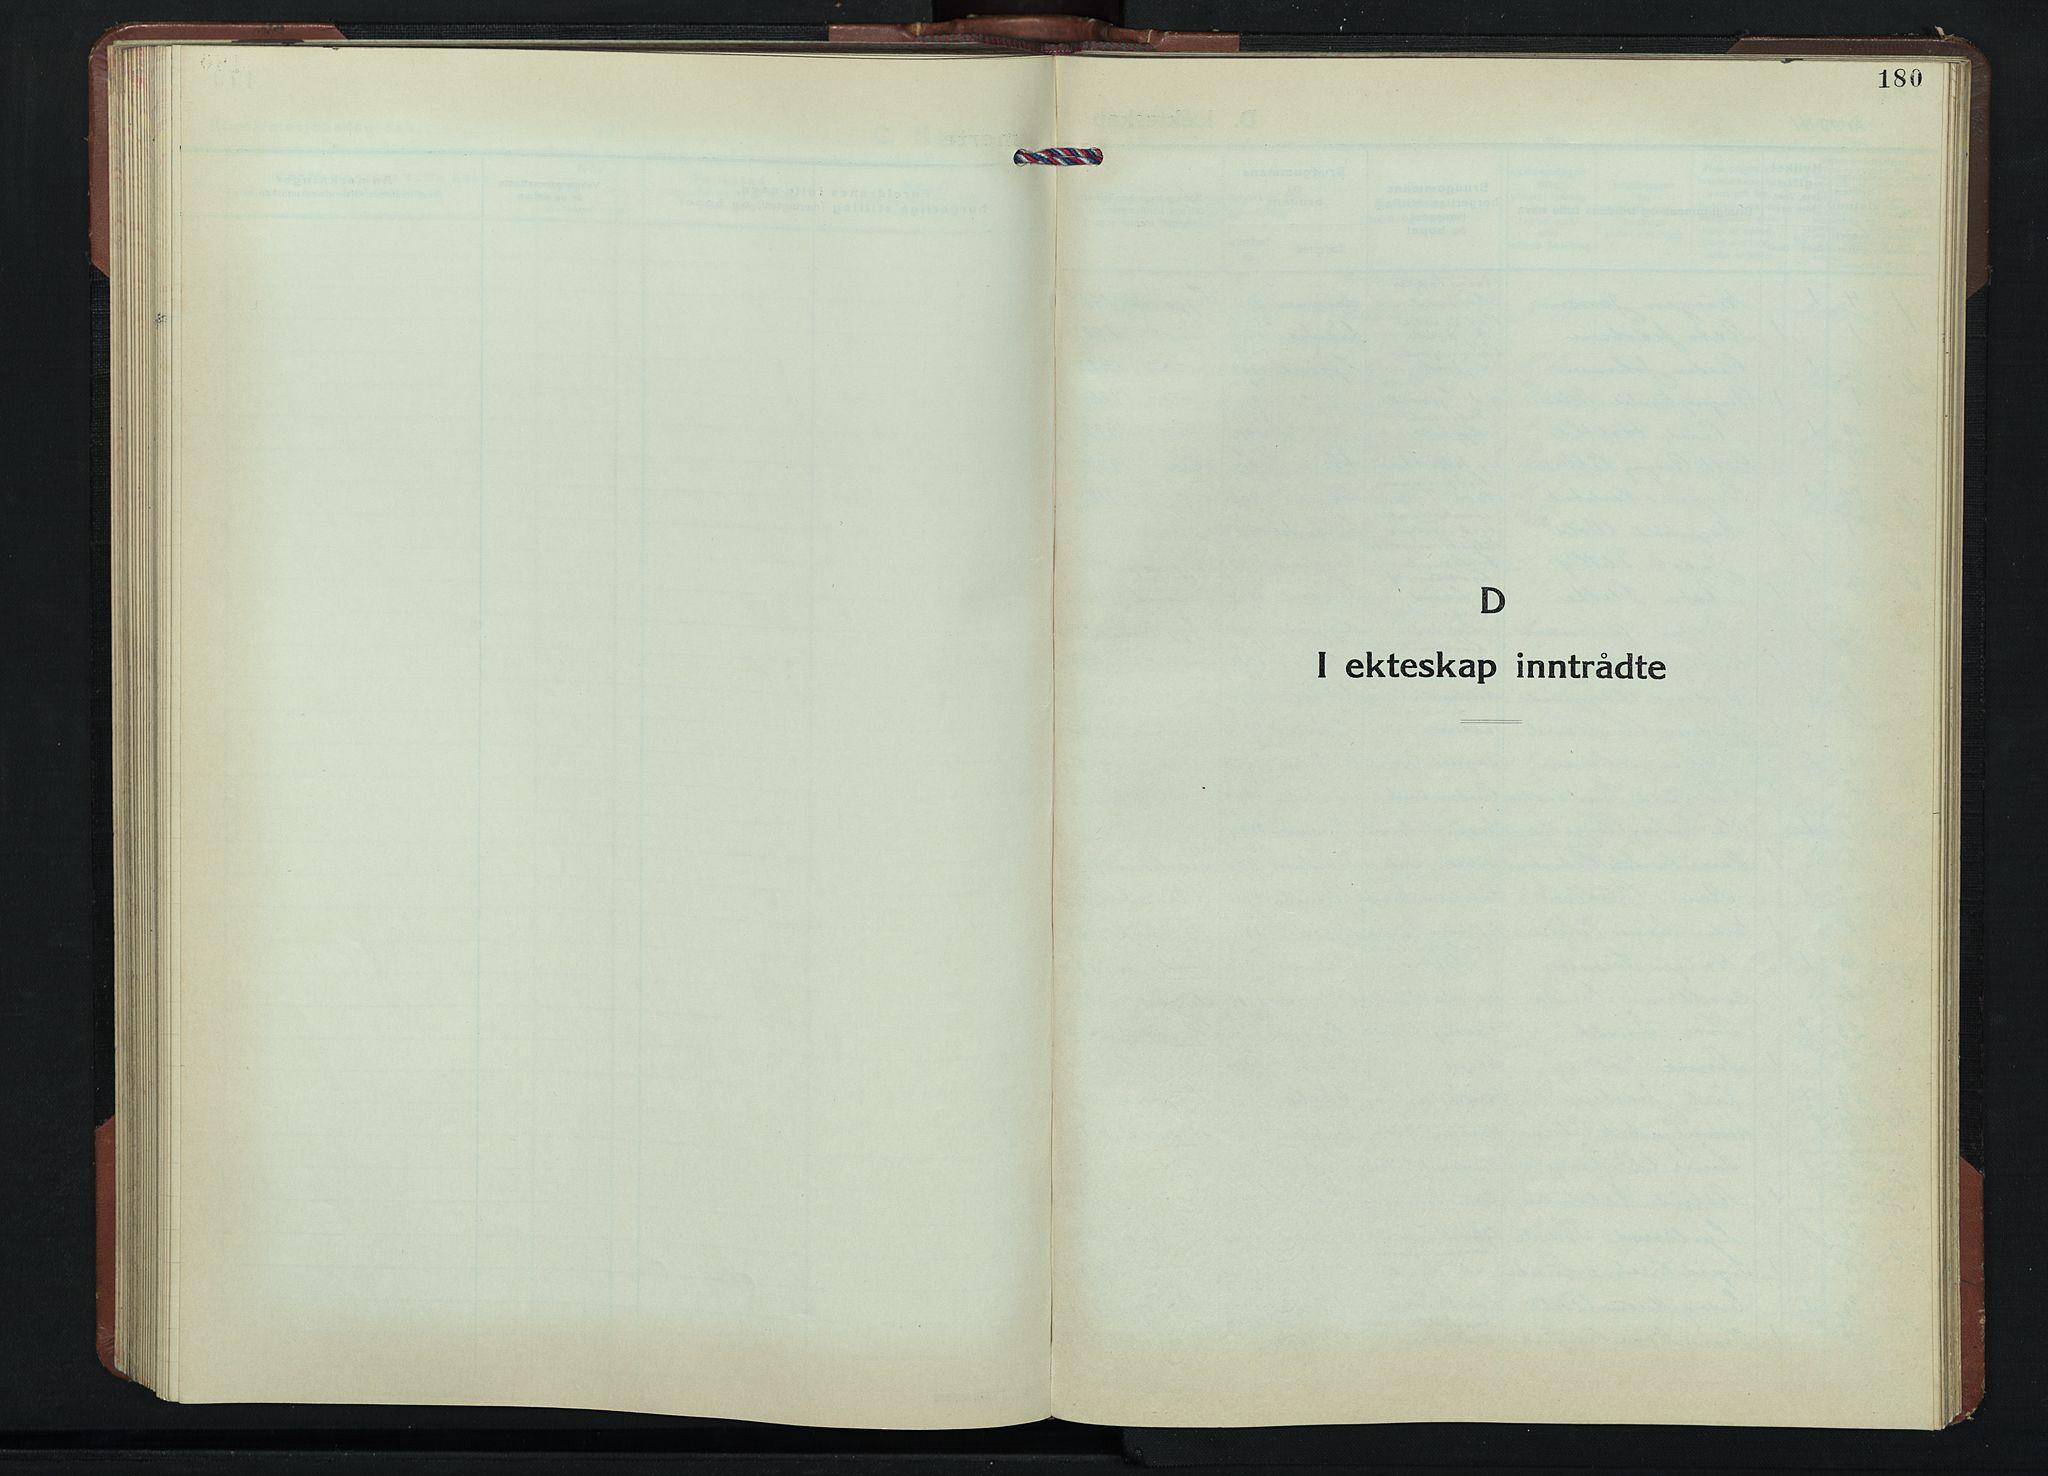 SAH, Gjøvik prestekontor, Klokkerbok nr. 1, 1941-1951, s. 180